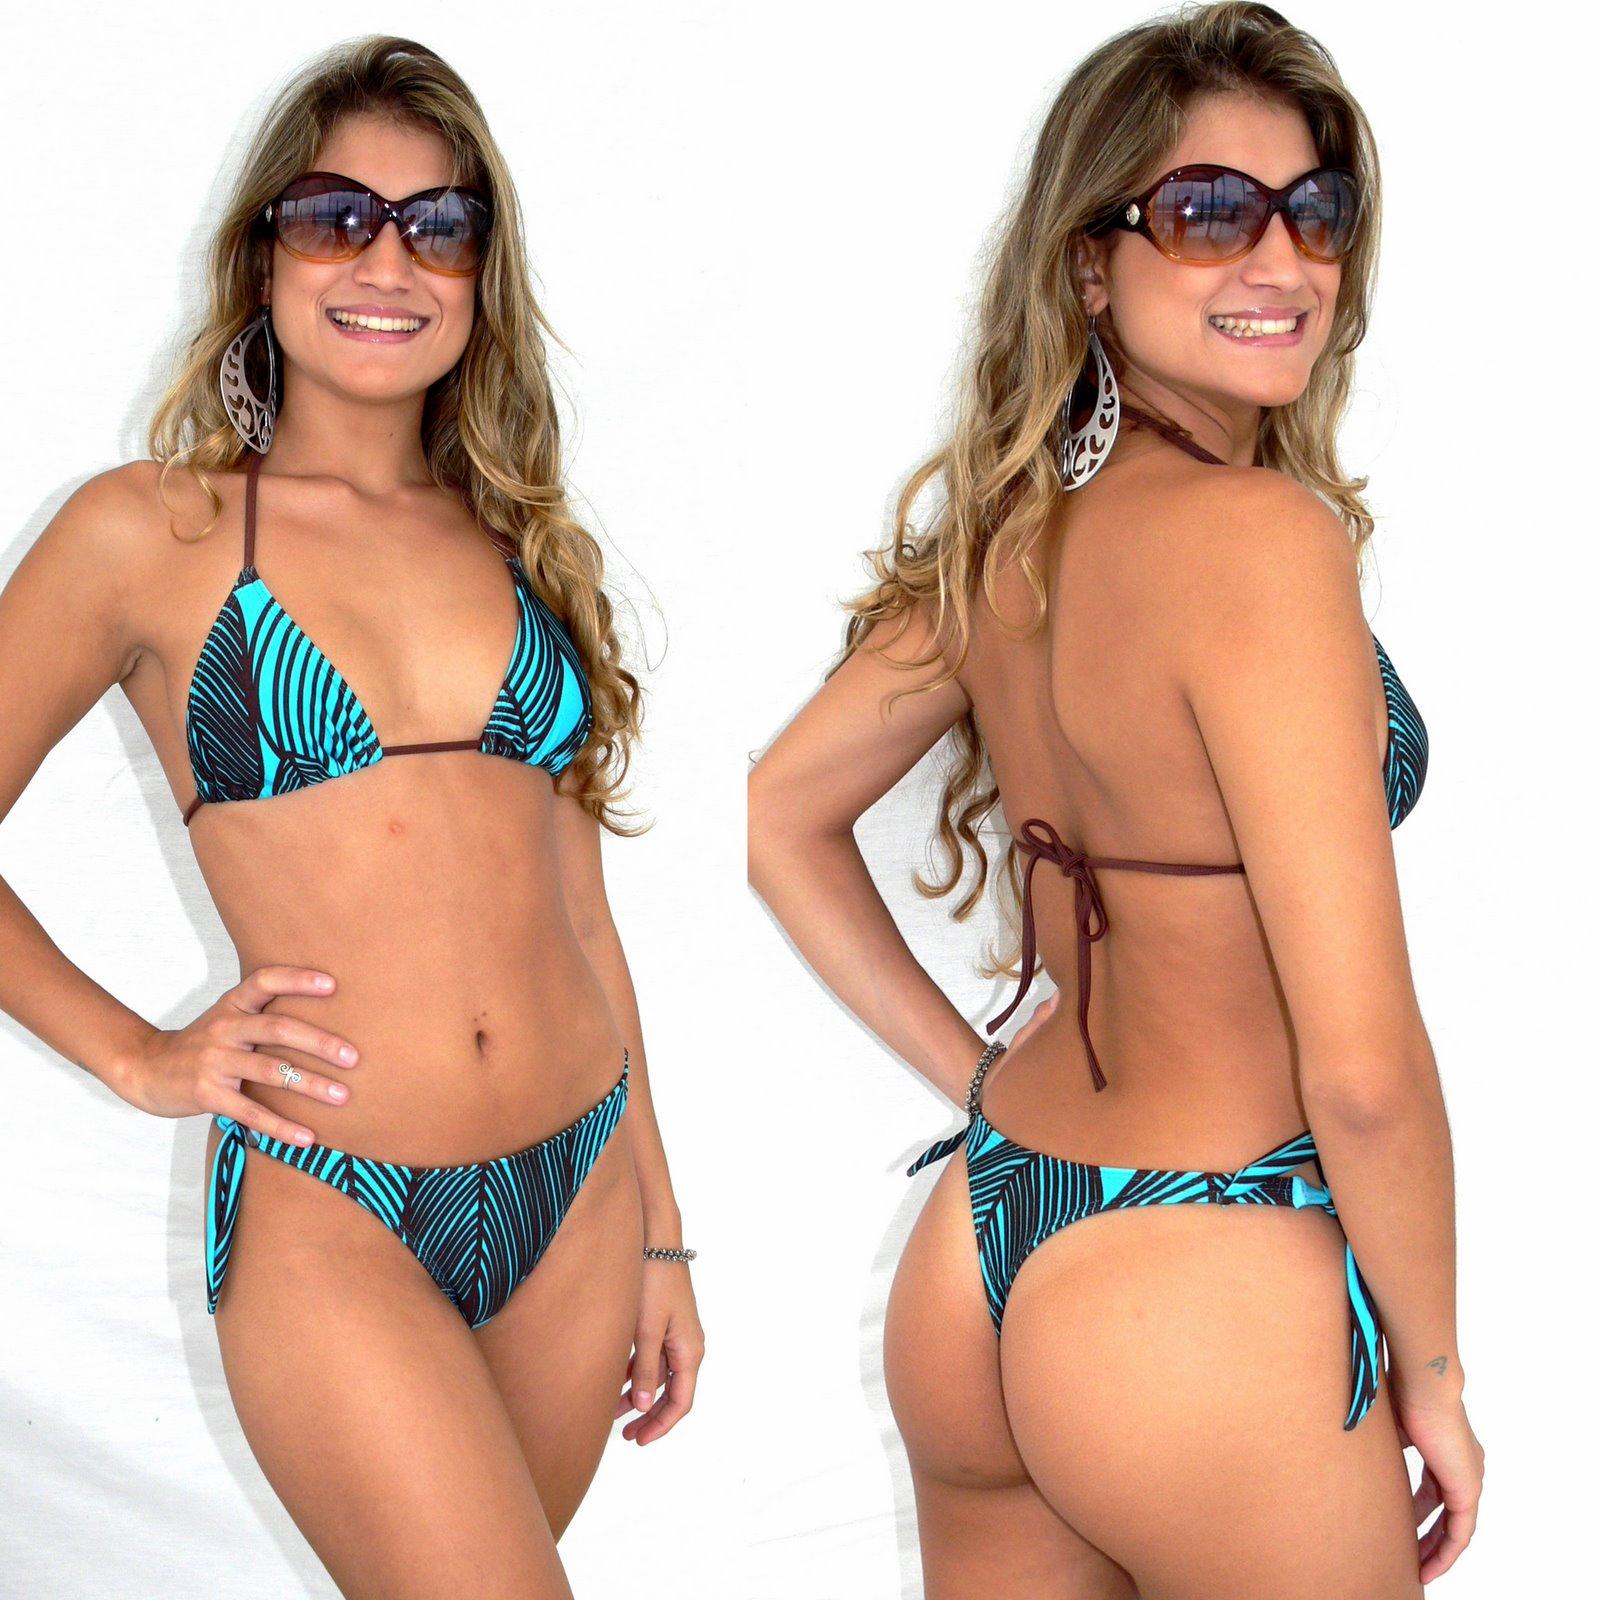 d3e272136 Publié dans bacana, bikinis bresil, biquini, biquini fio dental, biquinis  brasil, biquinis do rio de janeiro, biquinis infantis, biquinis rio, ...